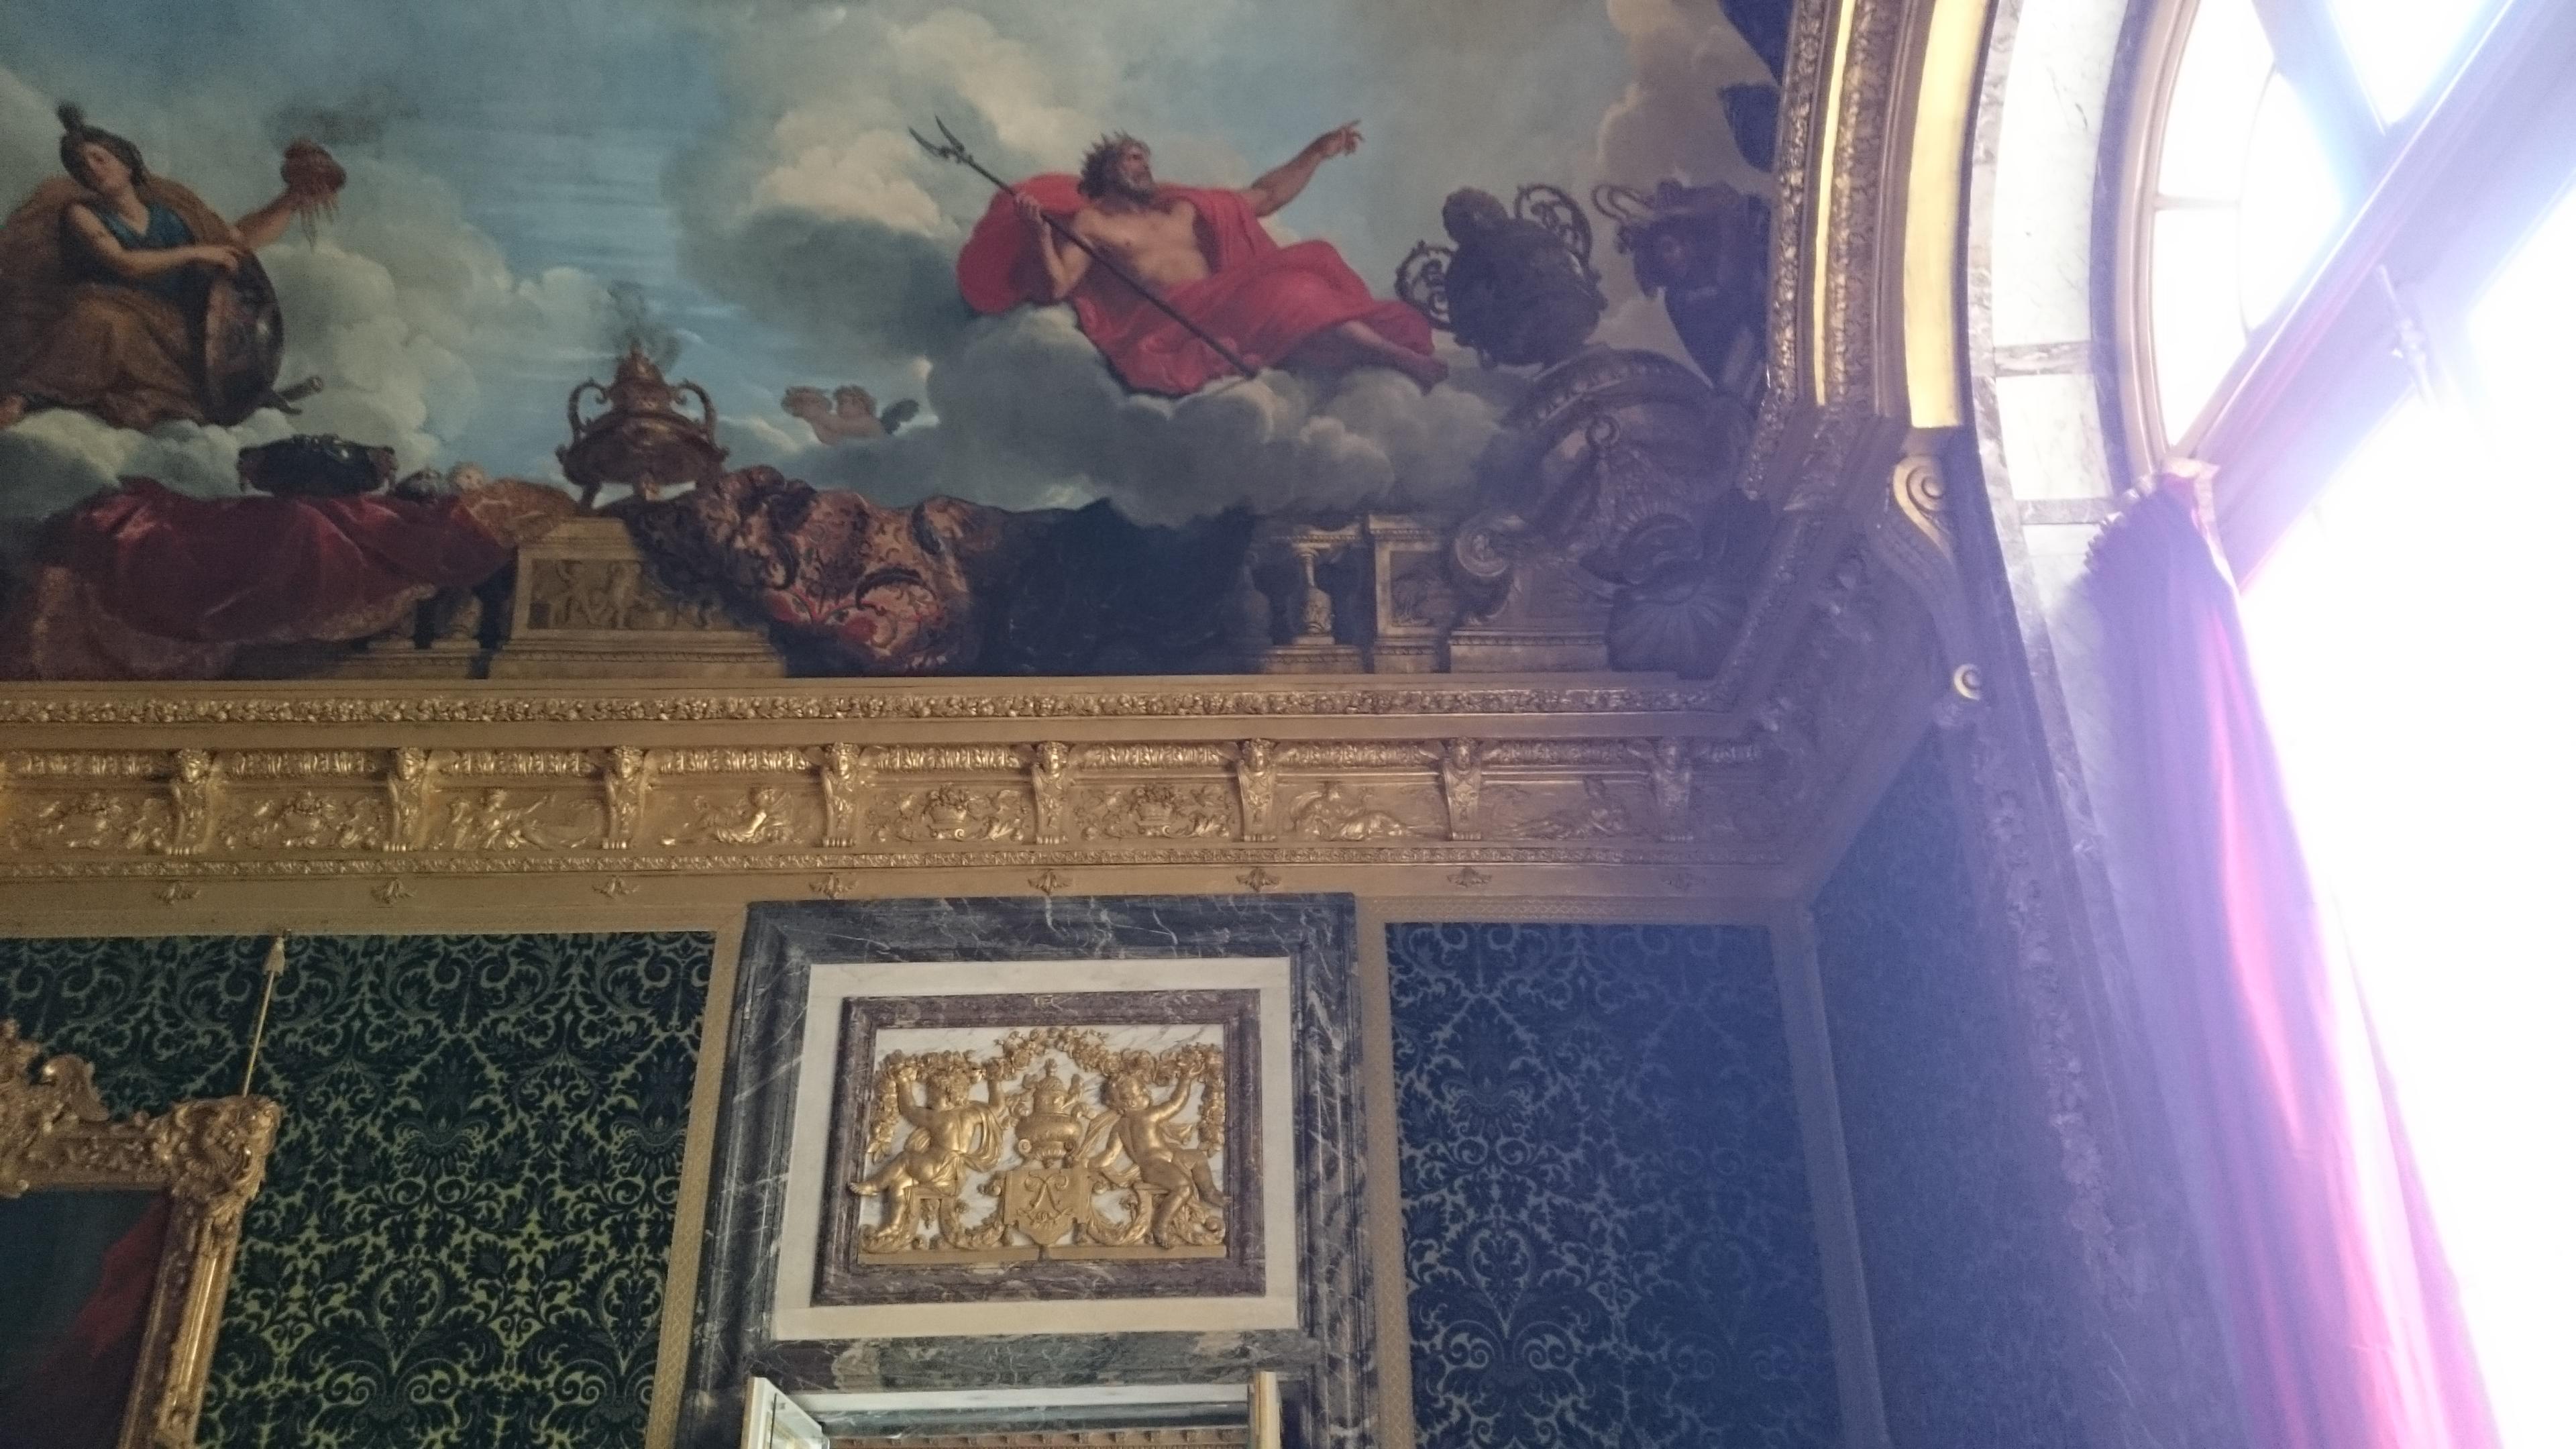 dsc 13391 - Visita al Palacio de Versalles: Como ir, cuanto cuesta y tips III/III